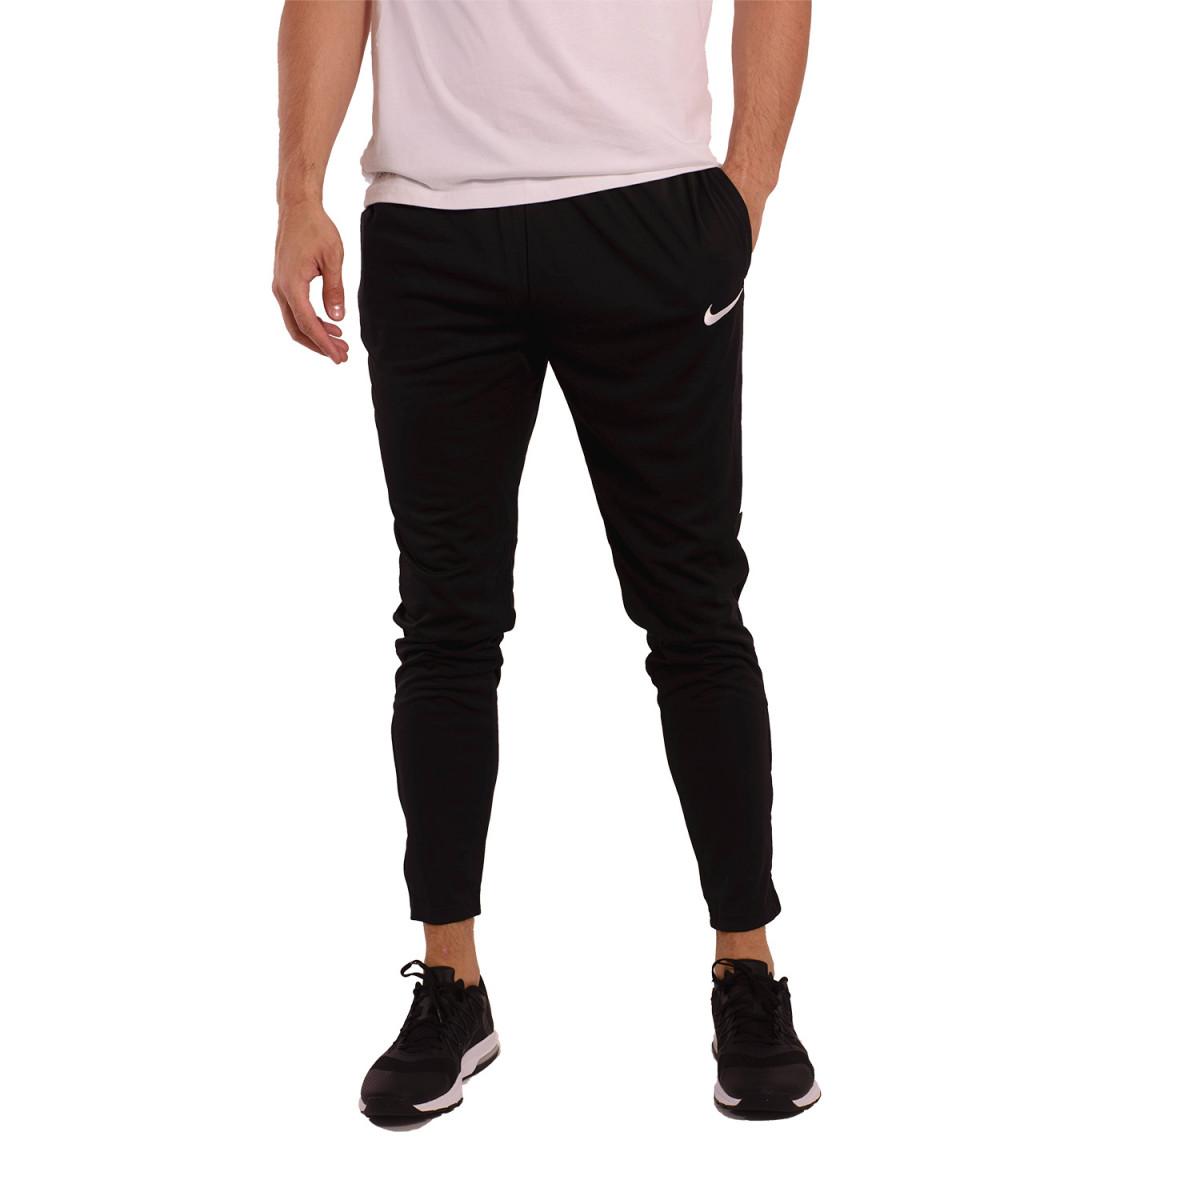 1f5516ae0e438 Pantalón Nike Dry Academy